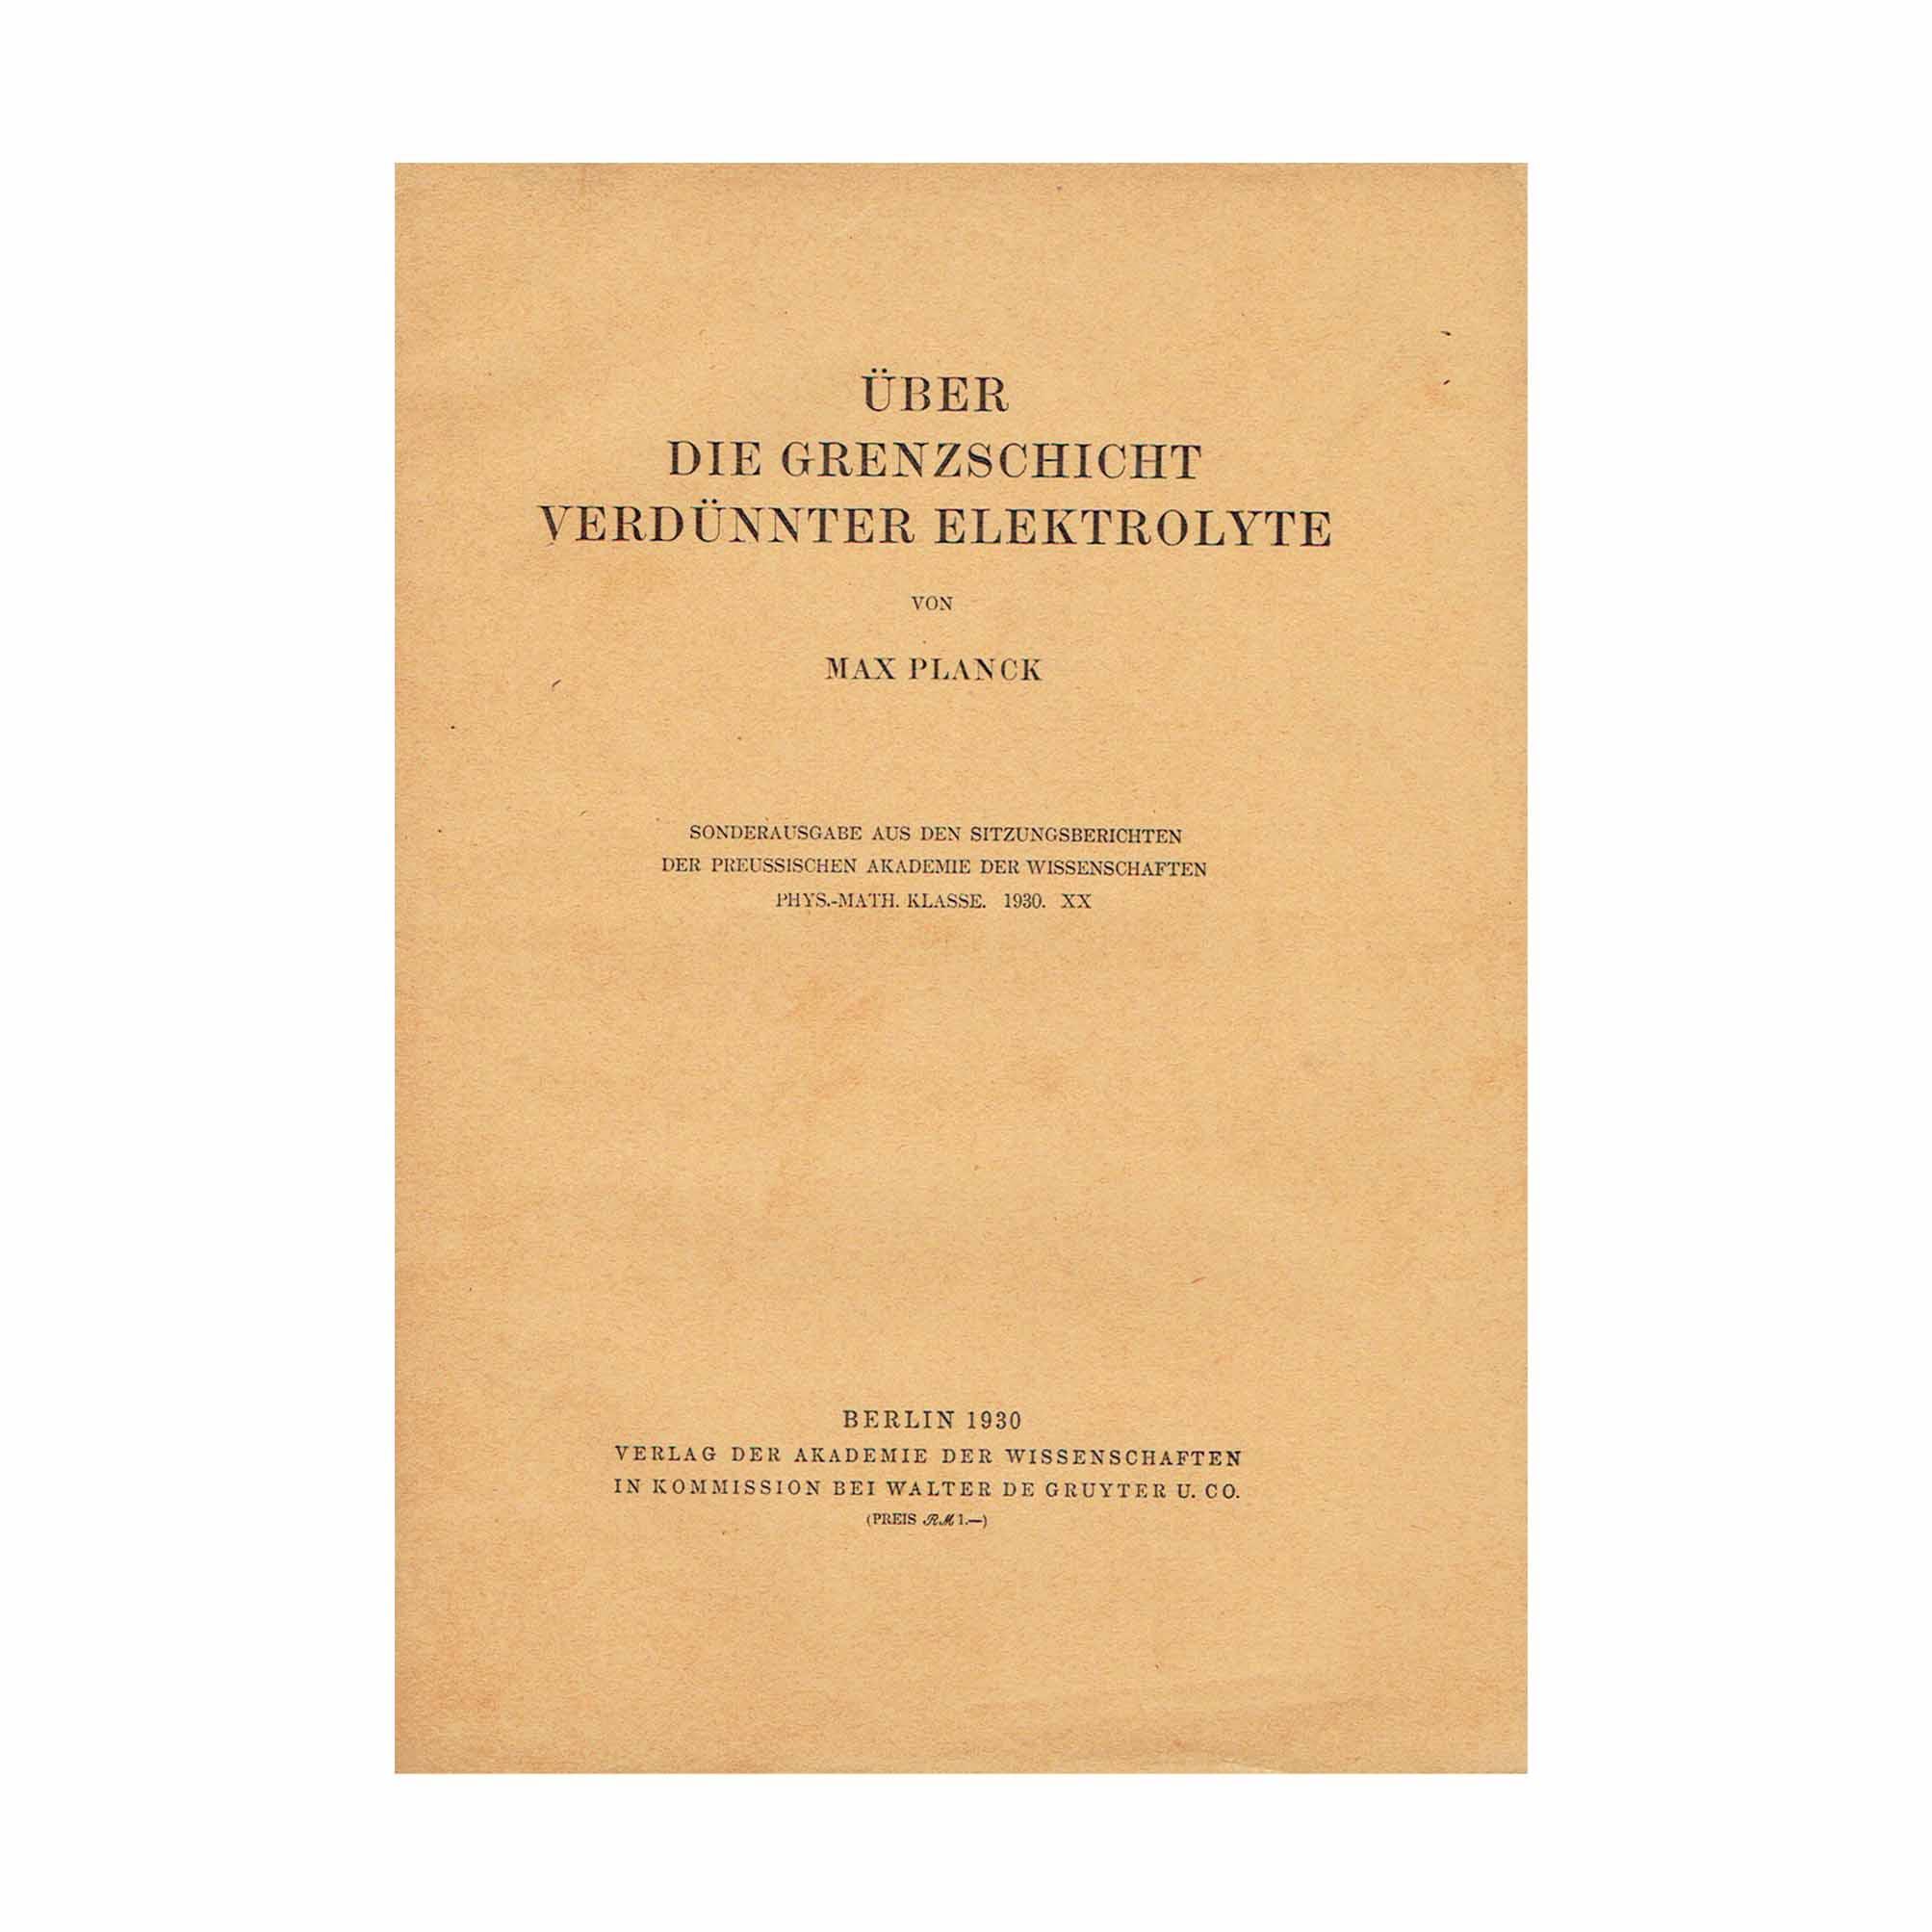 5824K Planck Grenzschicht Elektrolyte 1930 1 Front Cover N